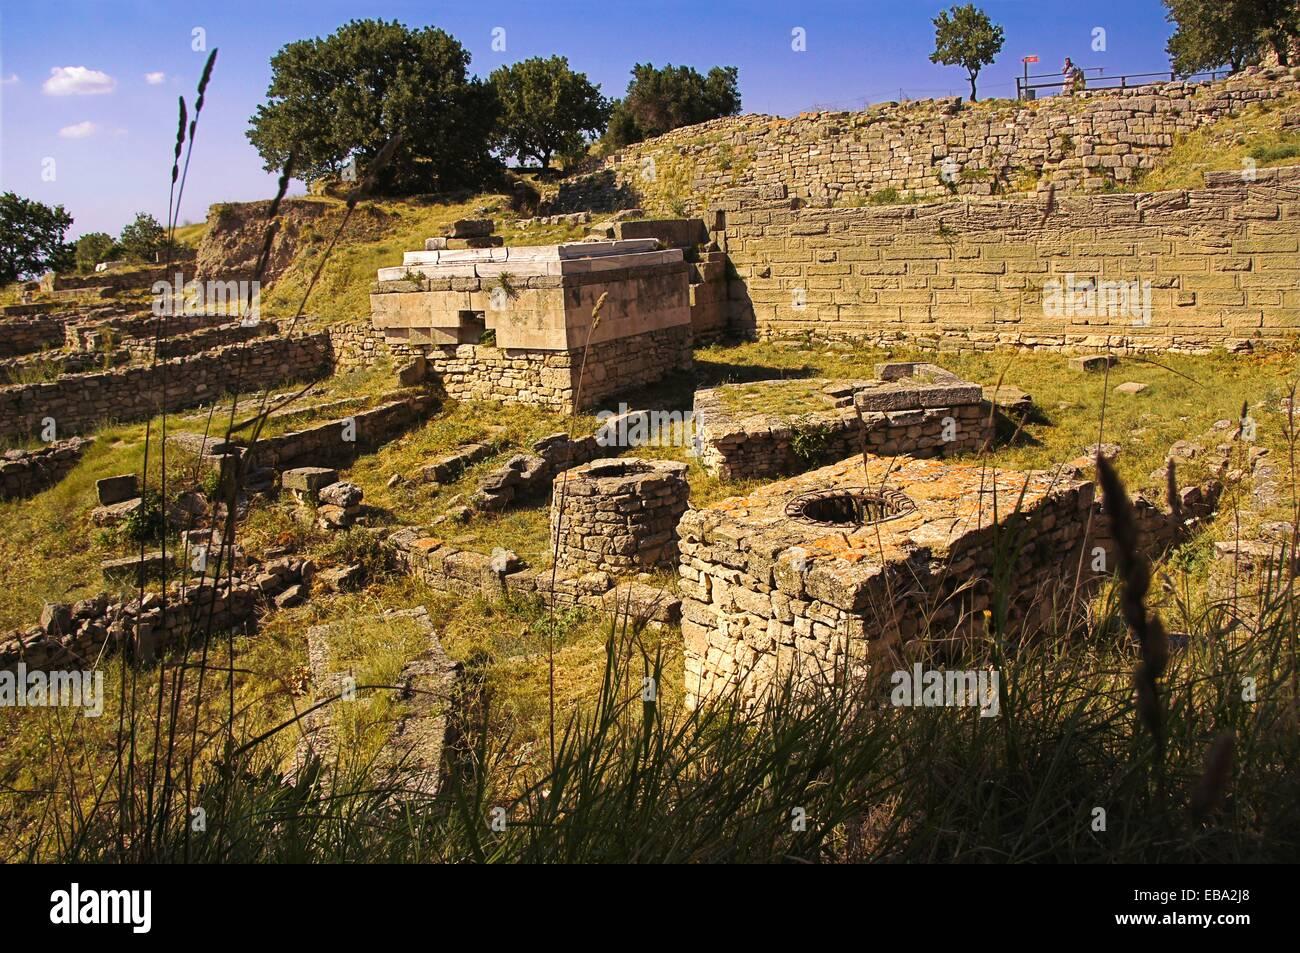 Ancienne Anatolie antiquité archéologie architecture site archéologique d'attribut Asie commencer Photo Stock